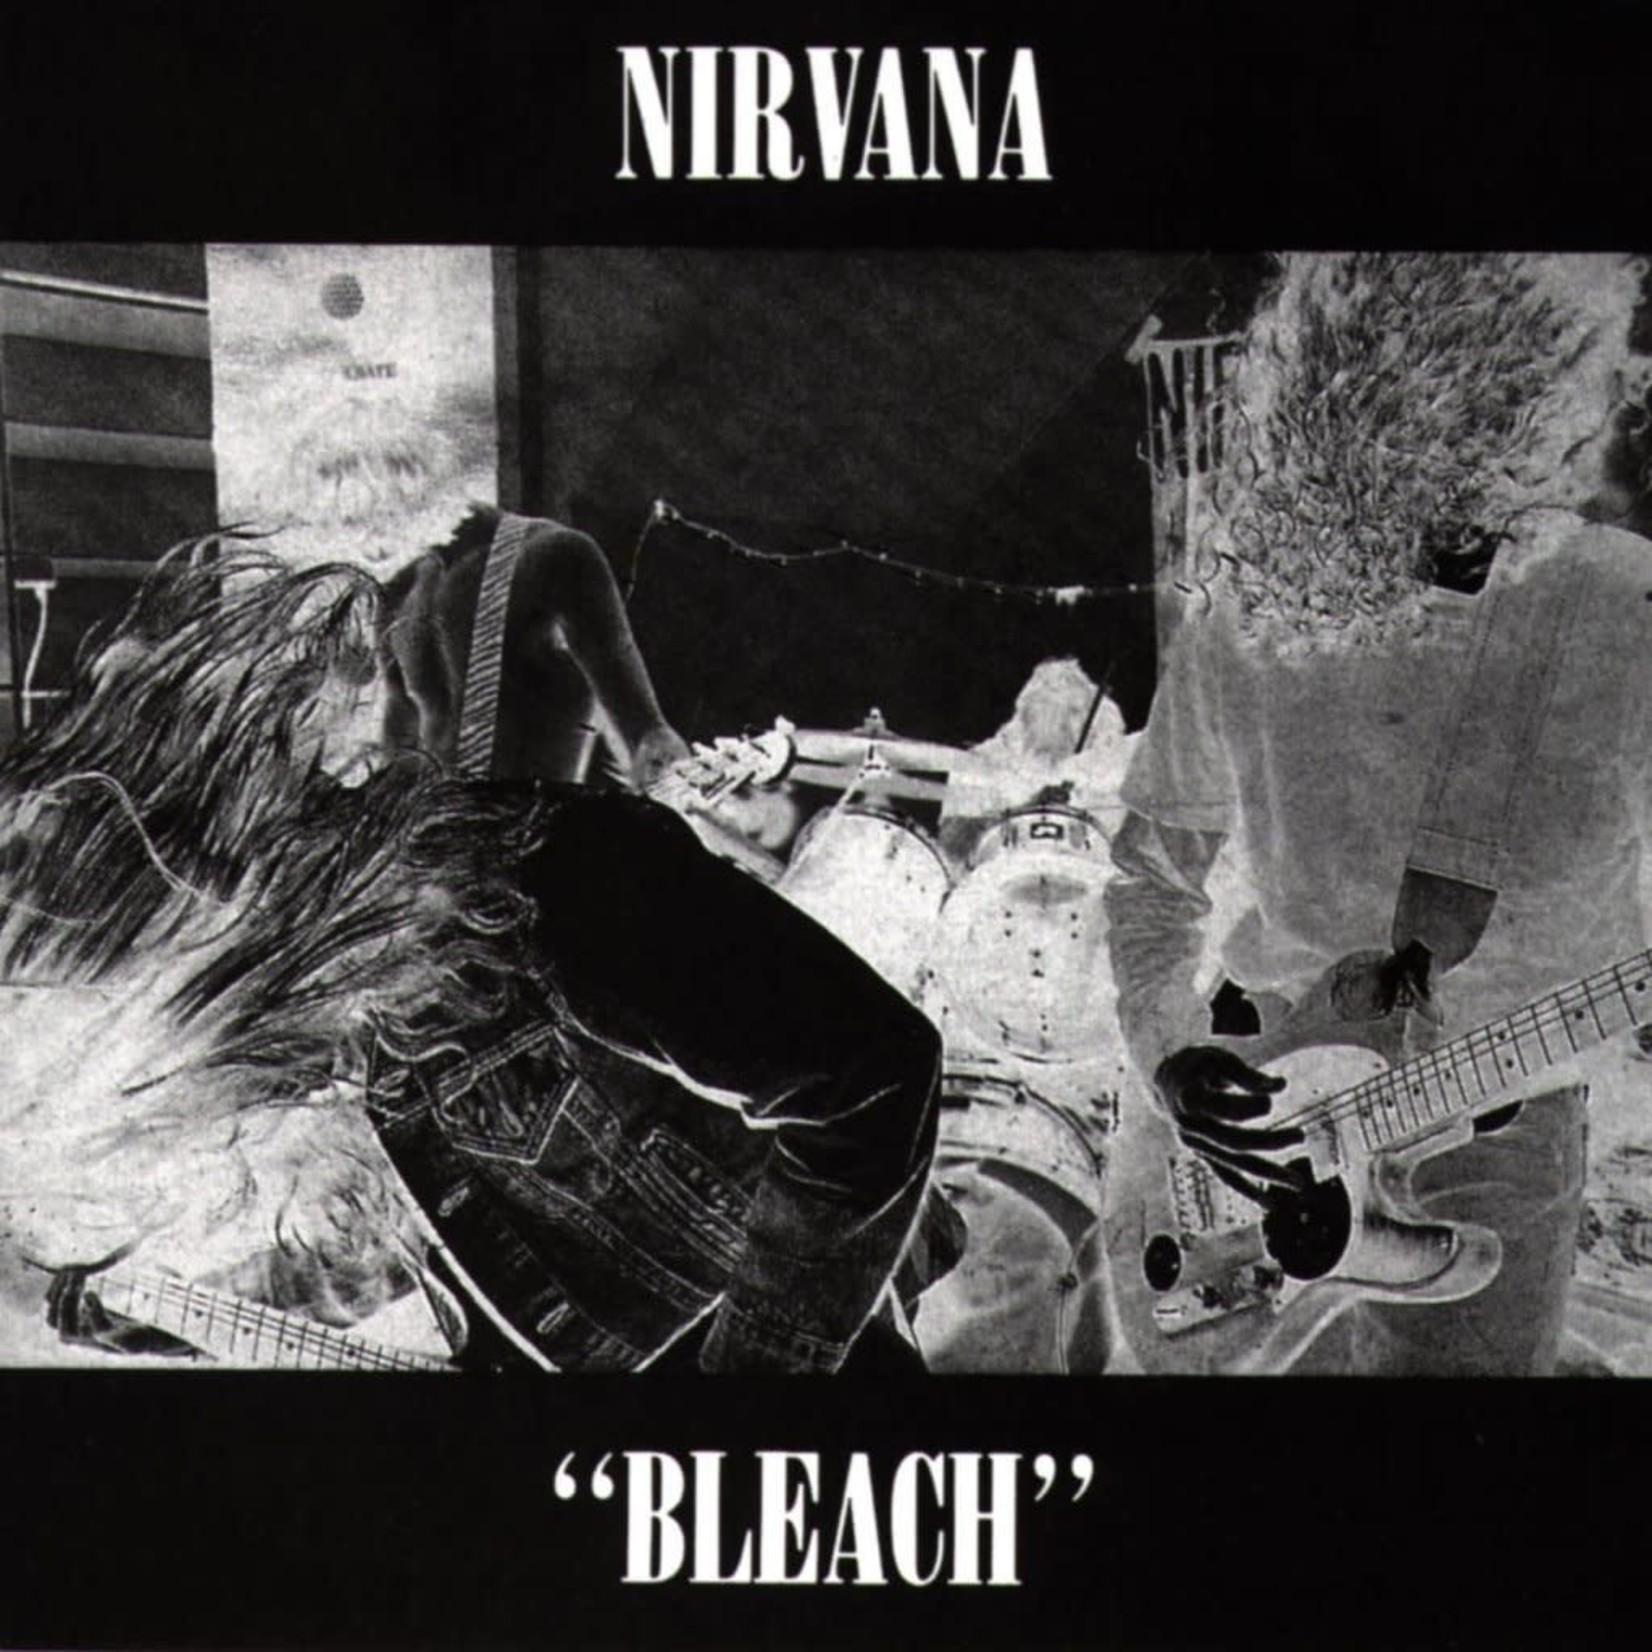 [New] Nirvana: Bleach (2LP, 20th Anniversary Ed.)